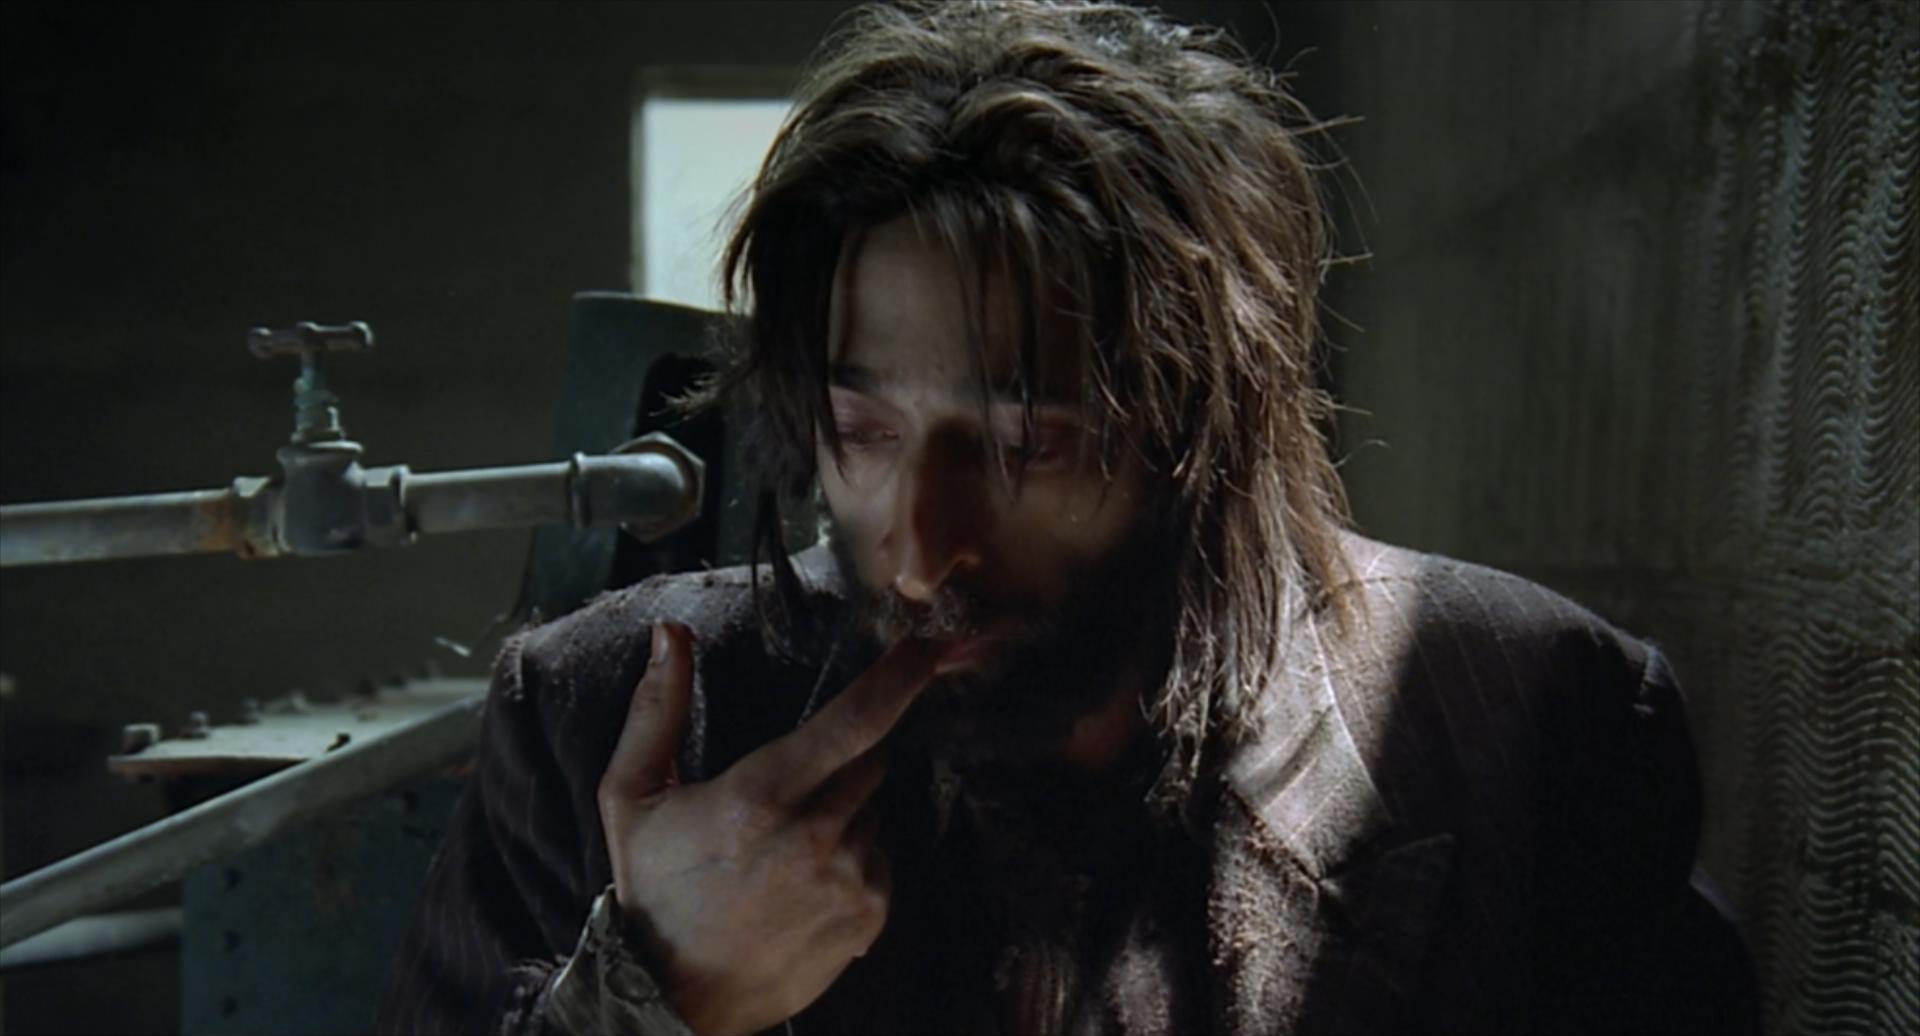 2002残酷剧情片《钢琴家》3800字,10分钟剧情解说稿-第12张图片